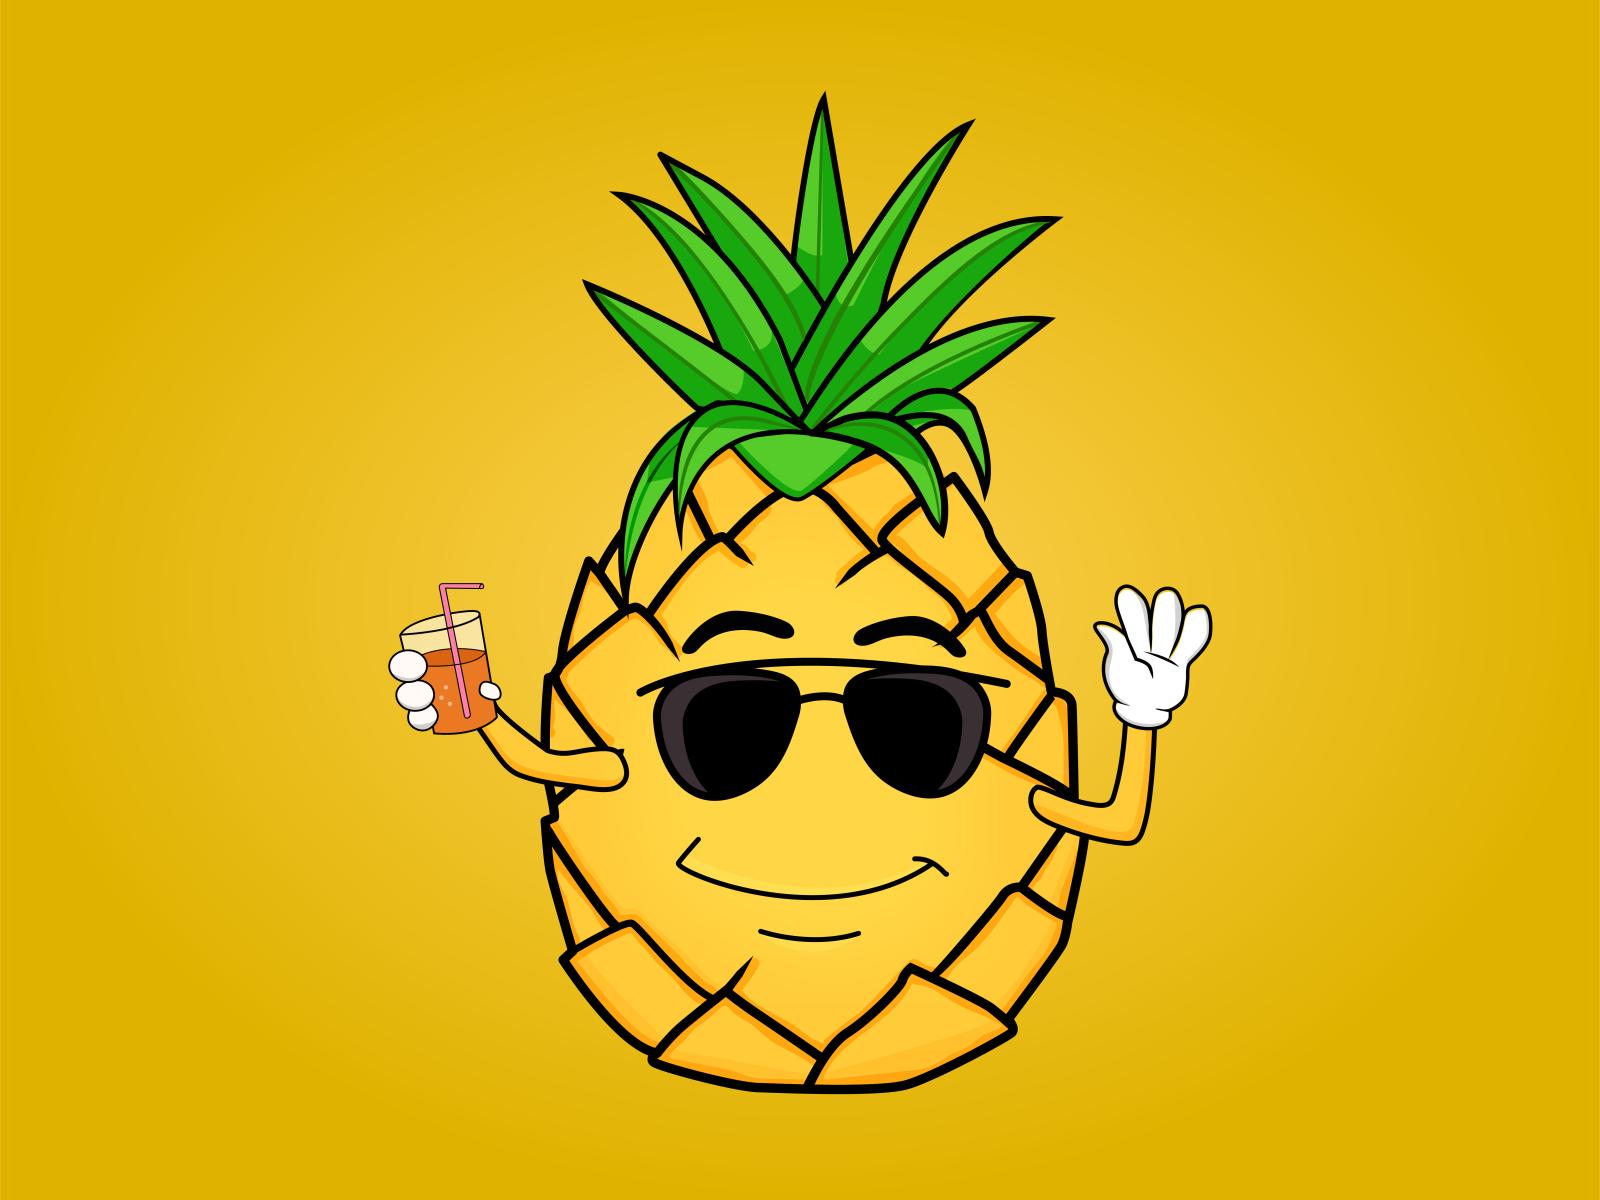 Pineapple Cartoon By Esme Van Tol On Dribbble 800 x 989 jpeg 111 кб. pineapple cartoon by esme van tol on